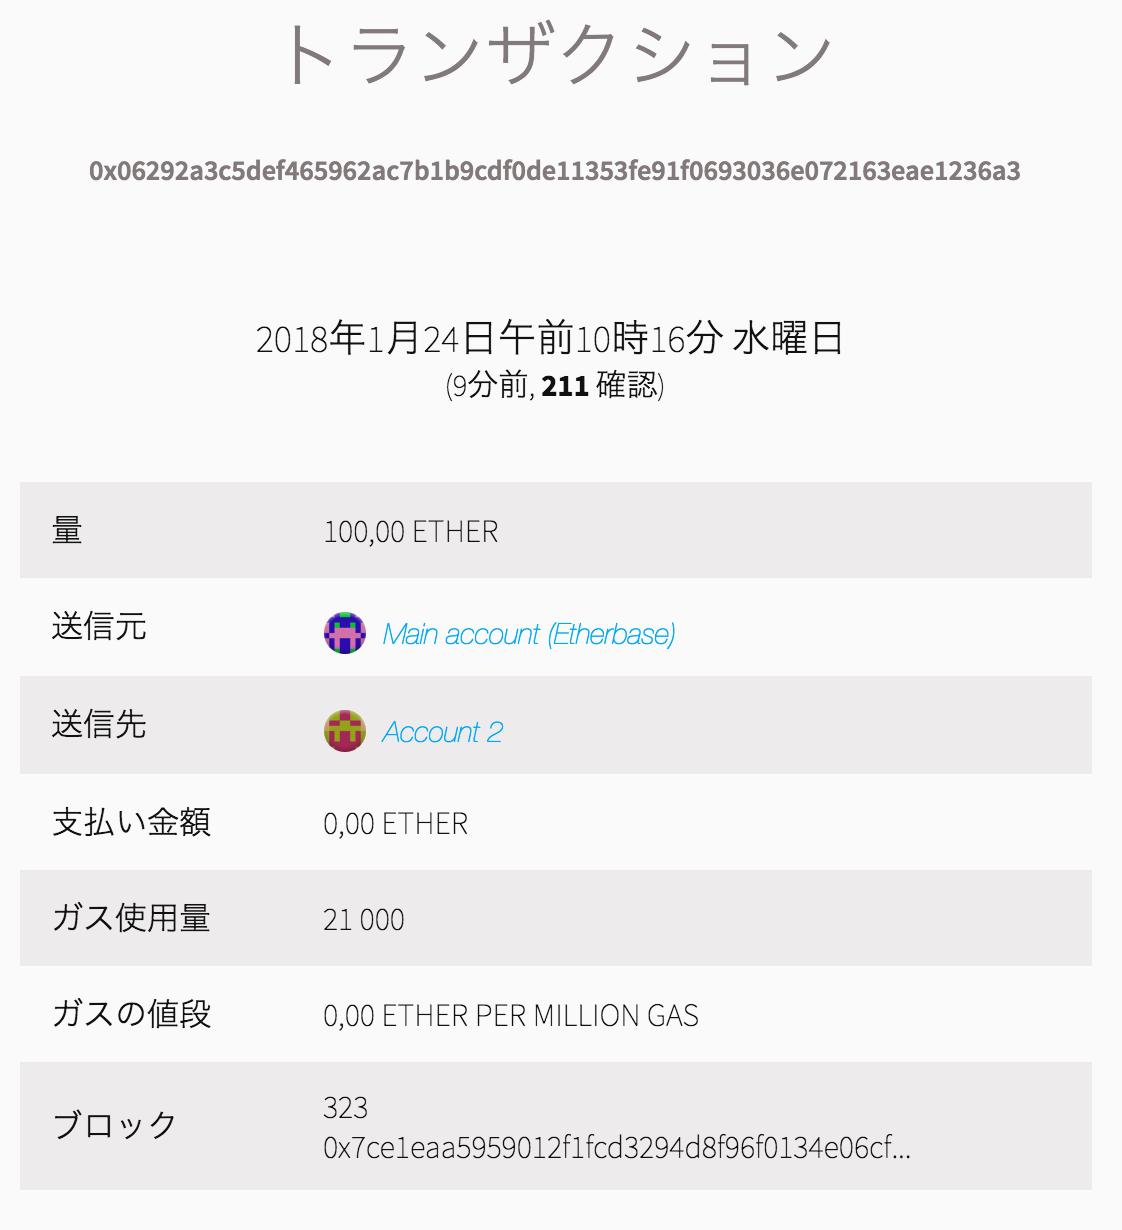 スクリーンショット 2018-01-24 10.25.10.png